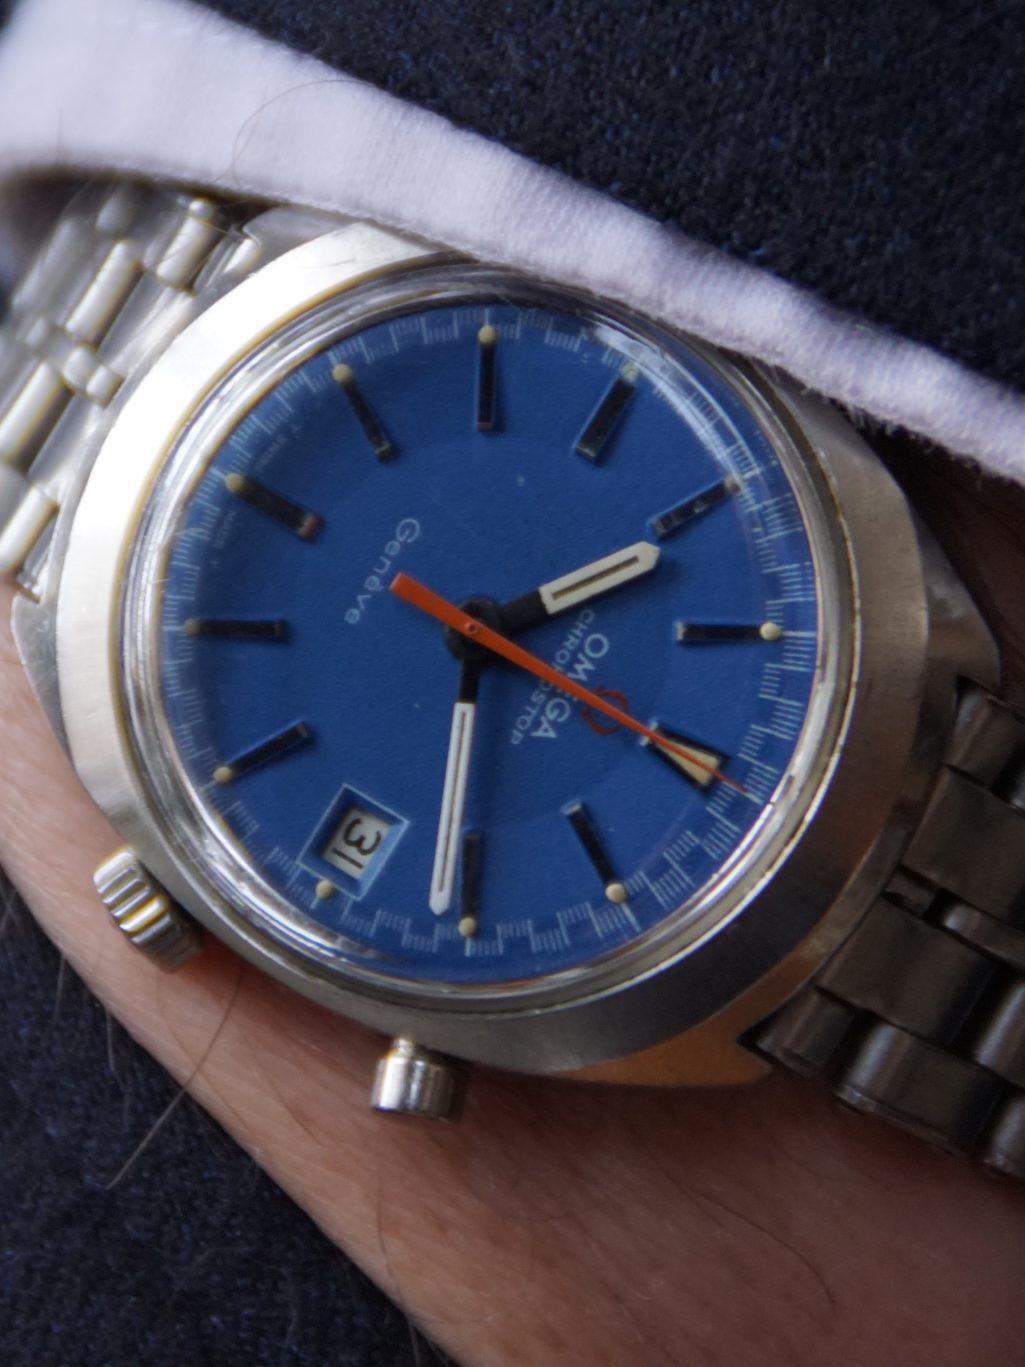 Omega Genève Chronostop Cal. 920 146.009